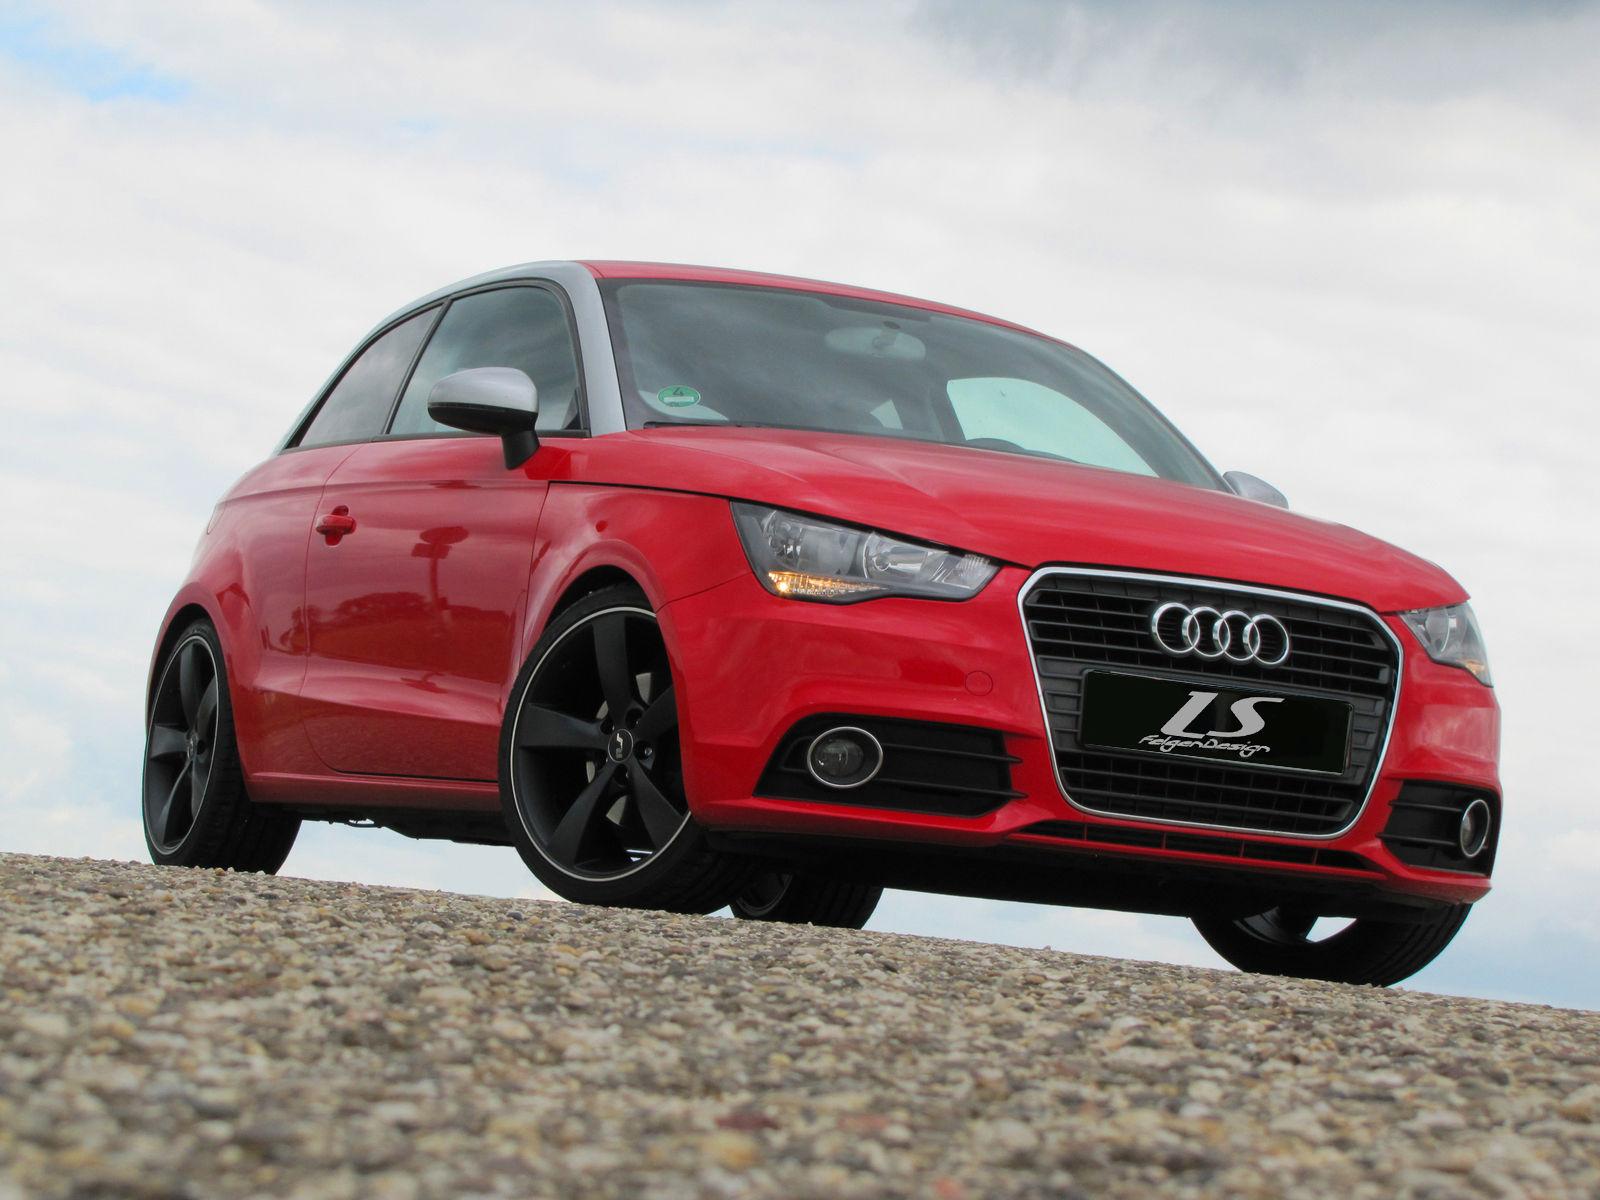 News Alufelgen Für Audi A1 18zoll Alufelgen Aus Eig Fertigung 8x18 5x100 Et35 Mit 215 35zr18 Und H R Federn